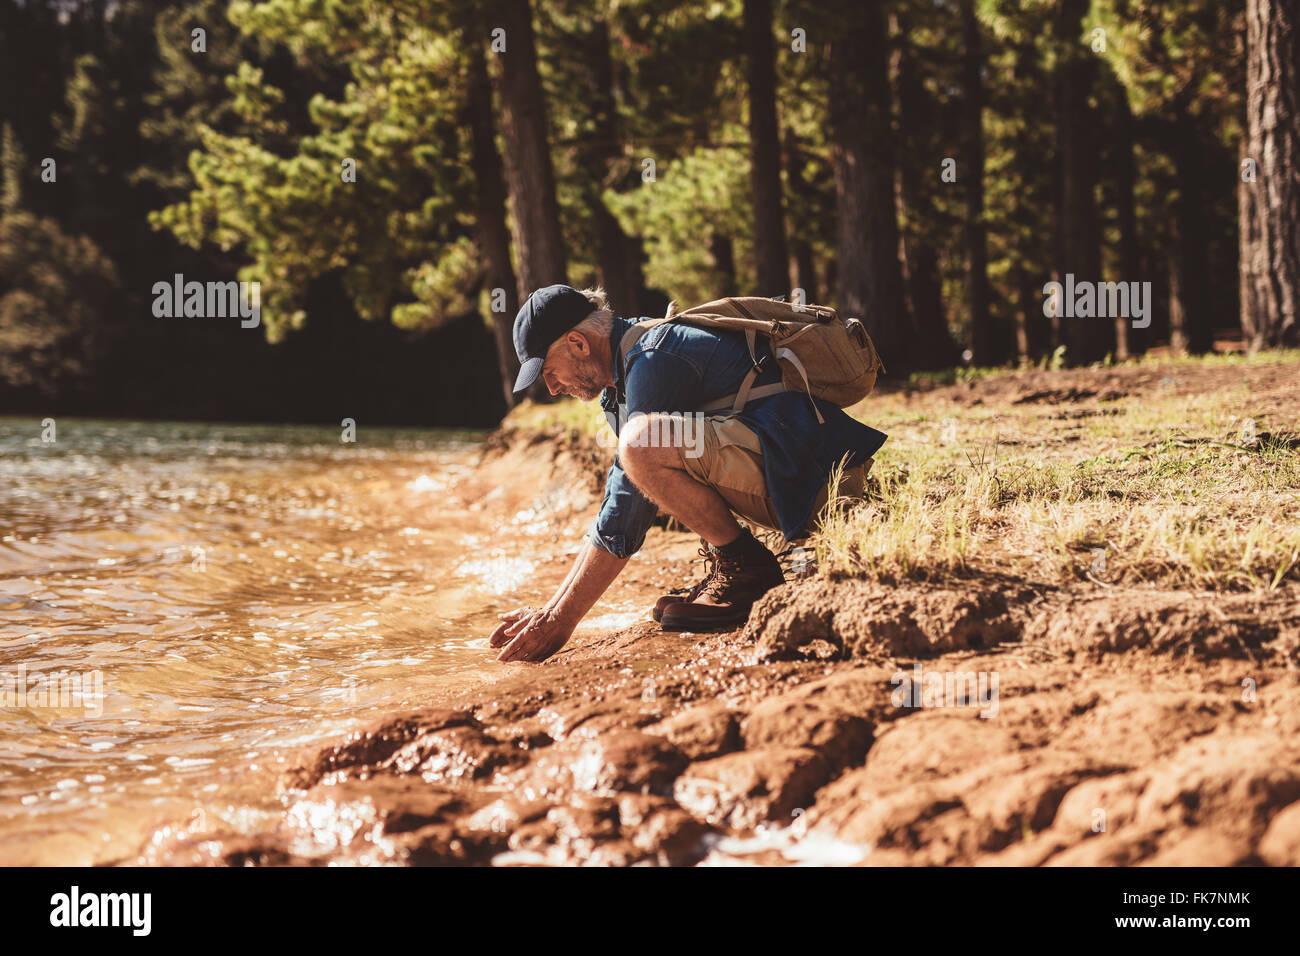 Retrato del lado masculino senior caminante sentado a la orilla de un lago y poner las manos en el agua. Hombre Imagen De Stock